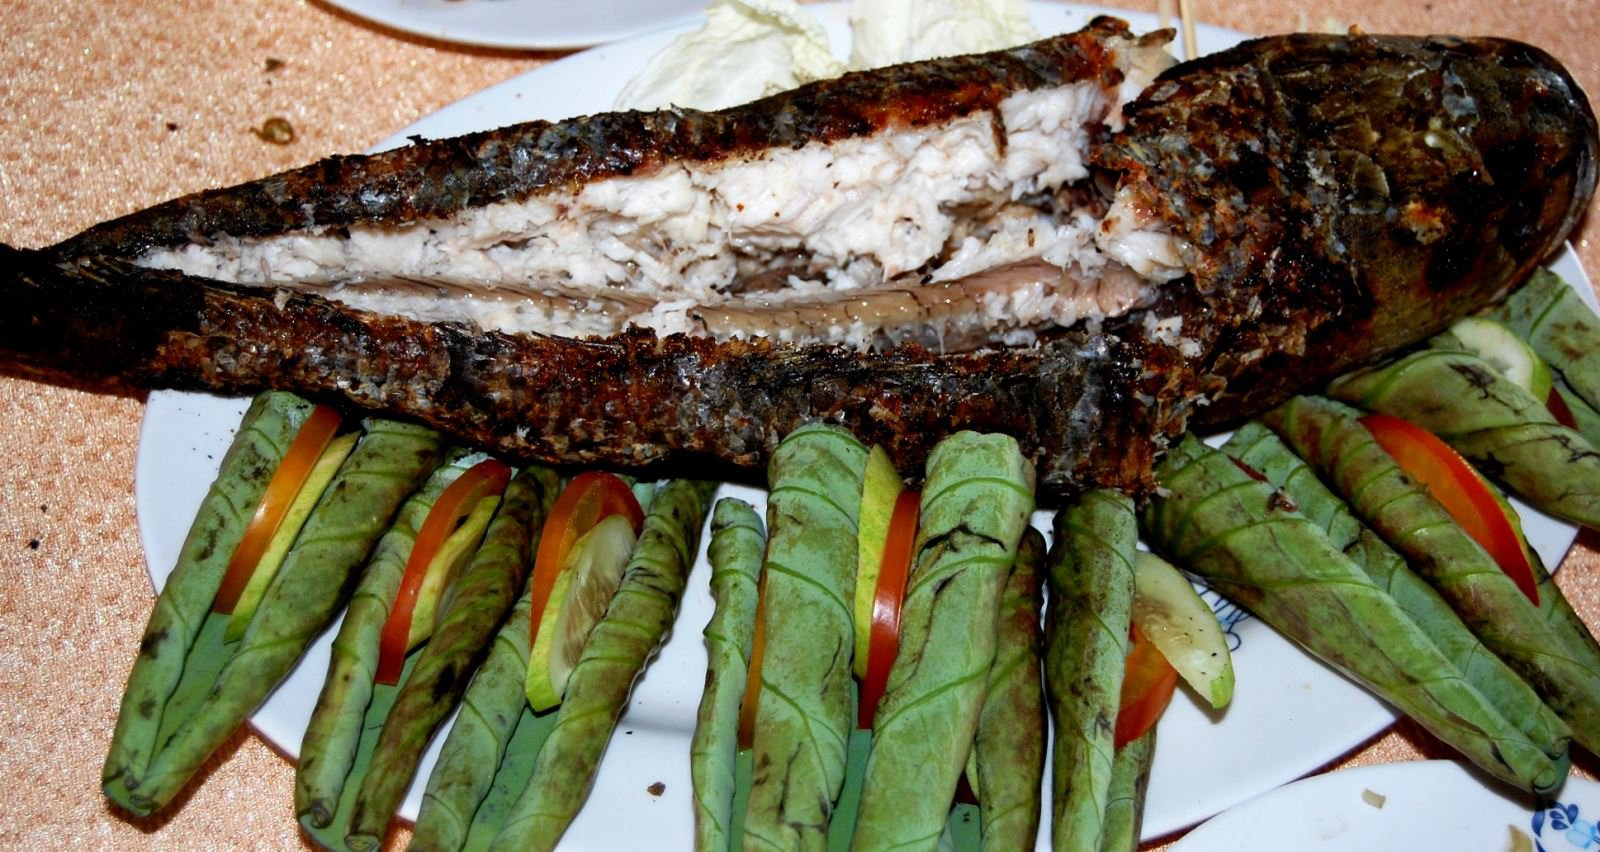 Cá lóc nướng là món ăn dân dã nhưng rất ngon miệng. Ảnh: Sưu tầm